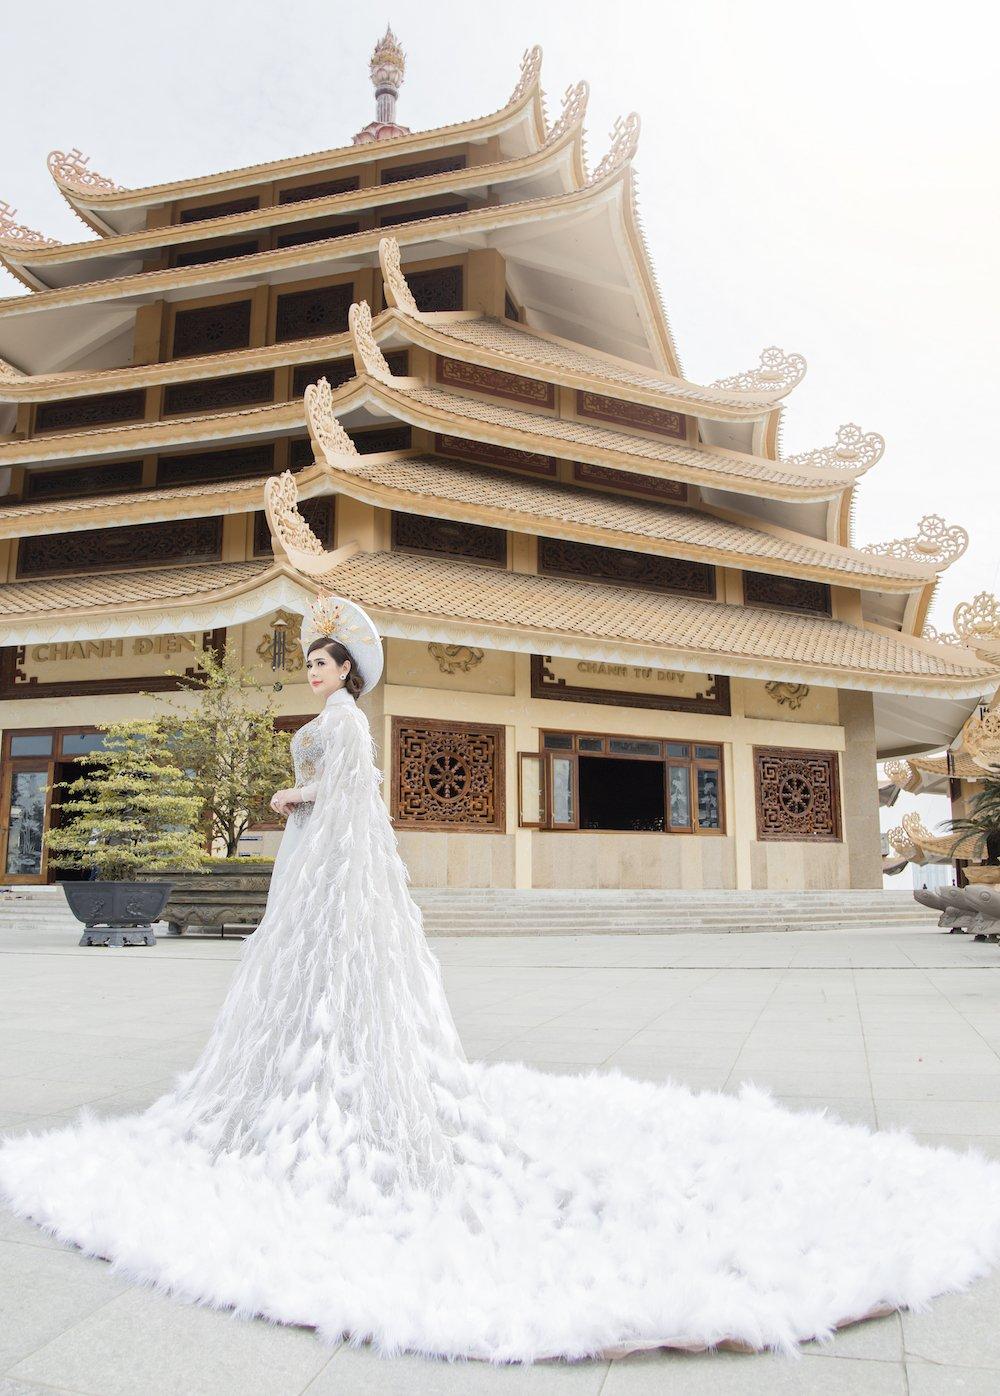 Lam Khanh Chi dien ao long trang muot, tinh tu ben chong tre hinh anh 3